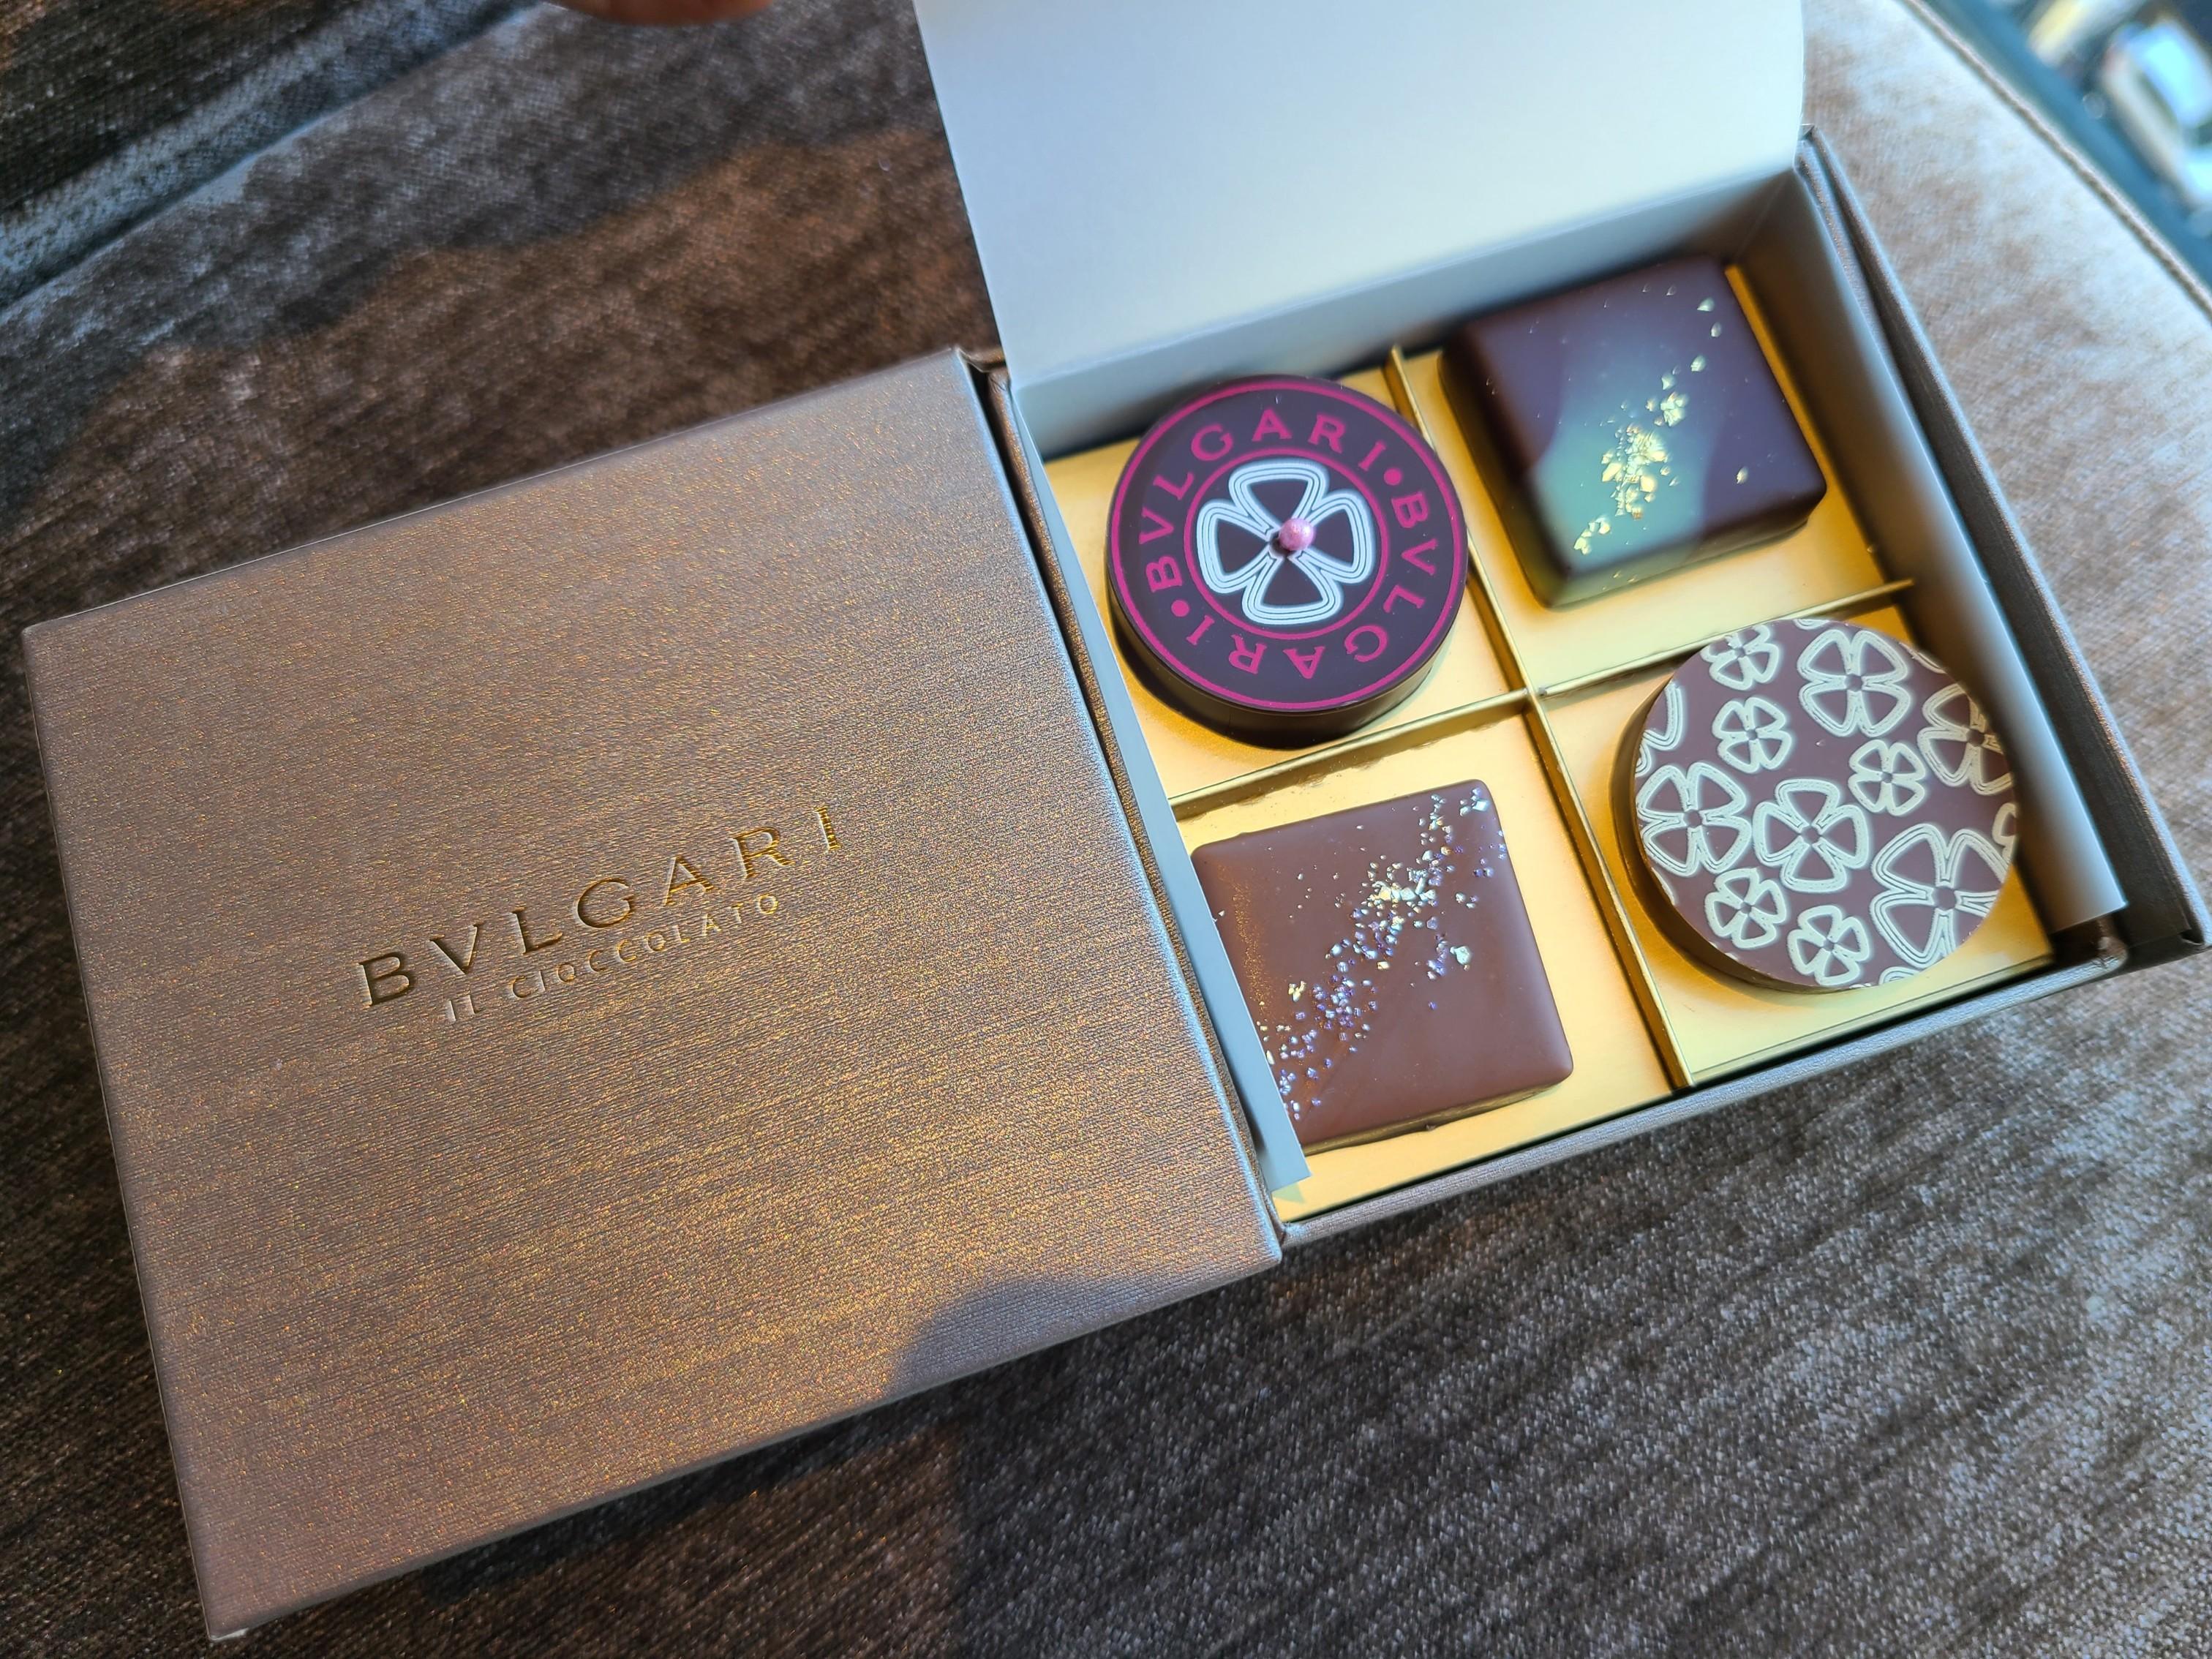 【BVLGARI】特別感溢れるジュエリーのようなチョコレート_2